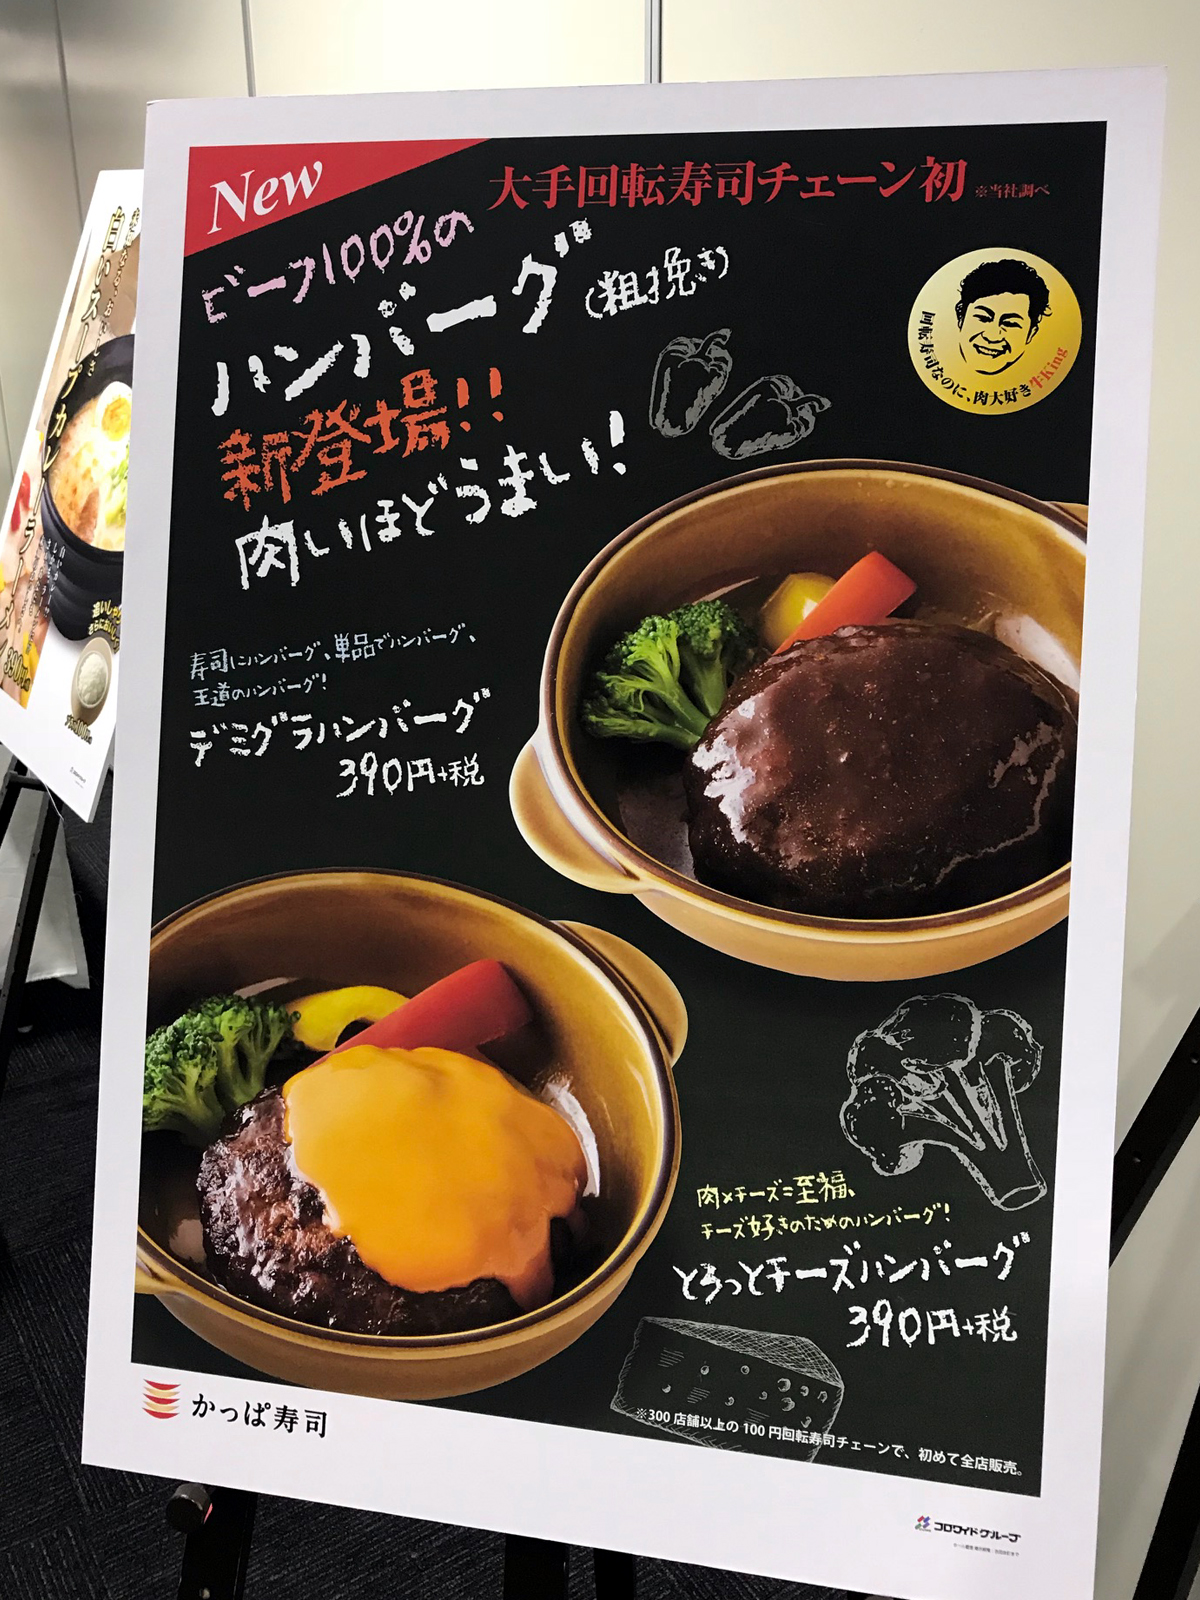 かっぱ寿司 本気のハンバーグ